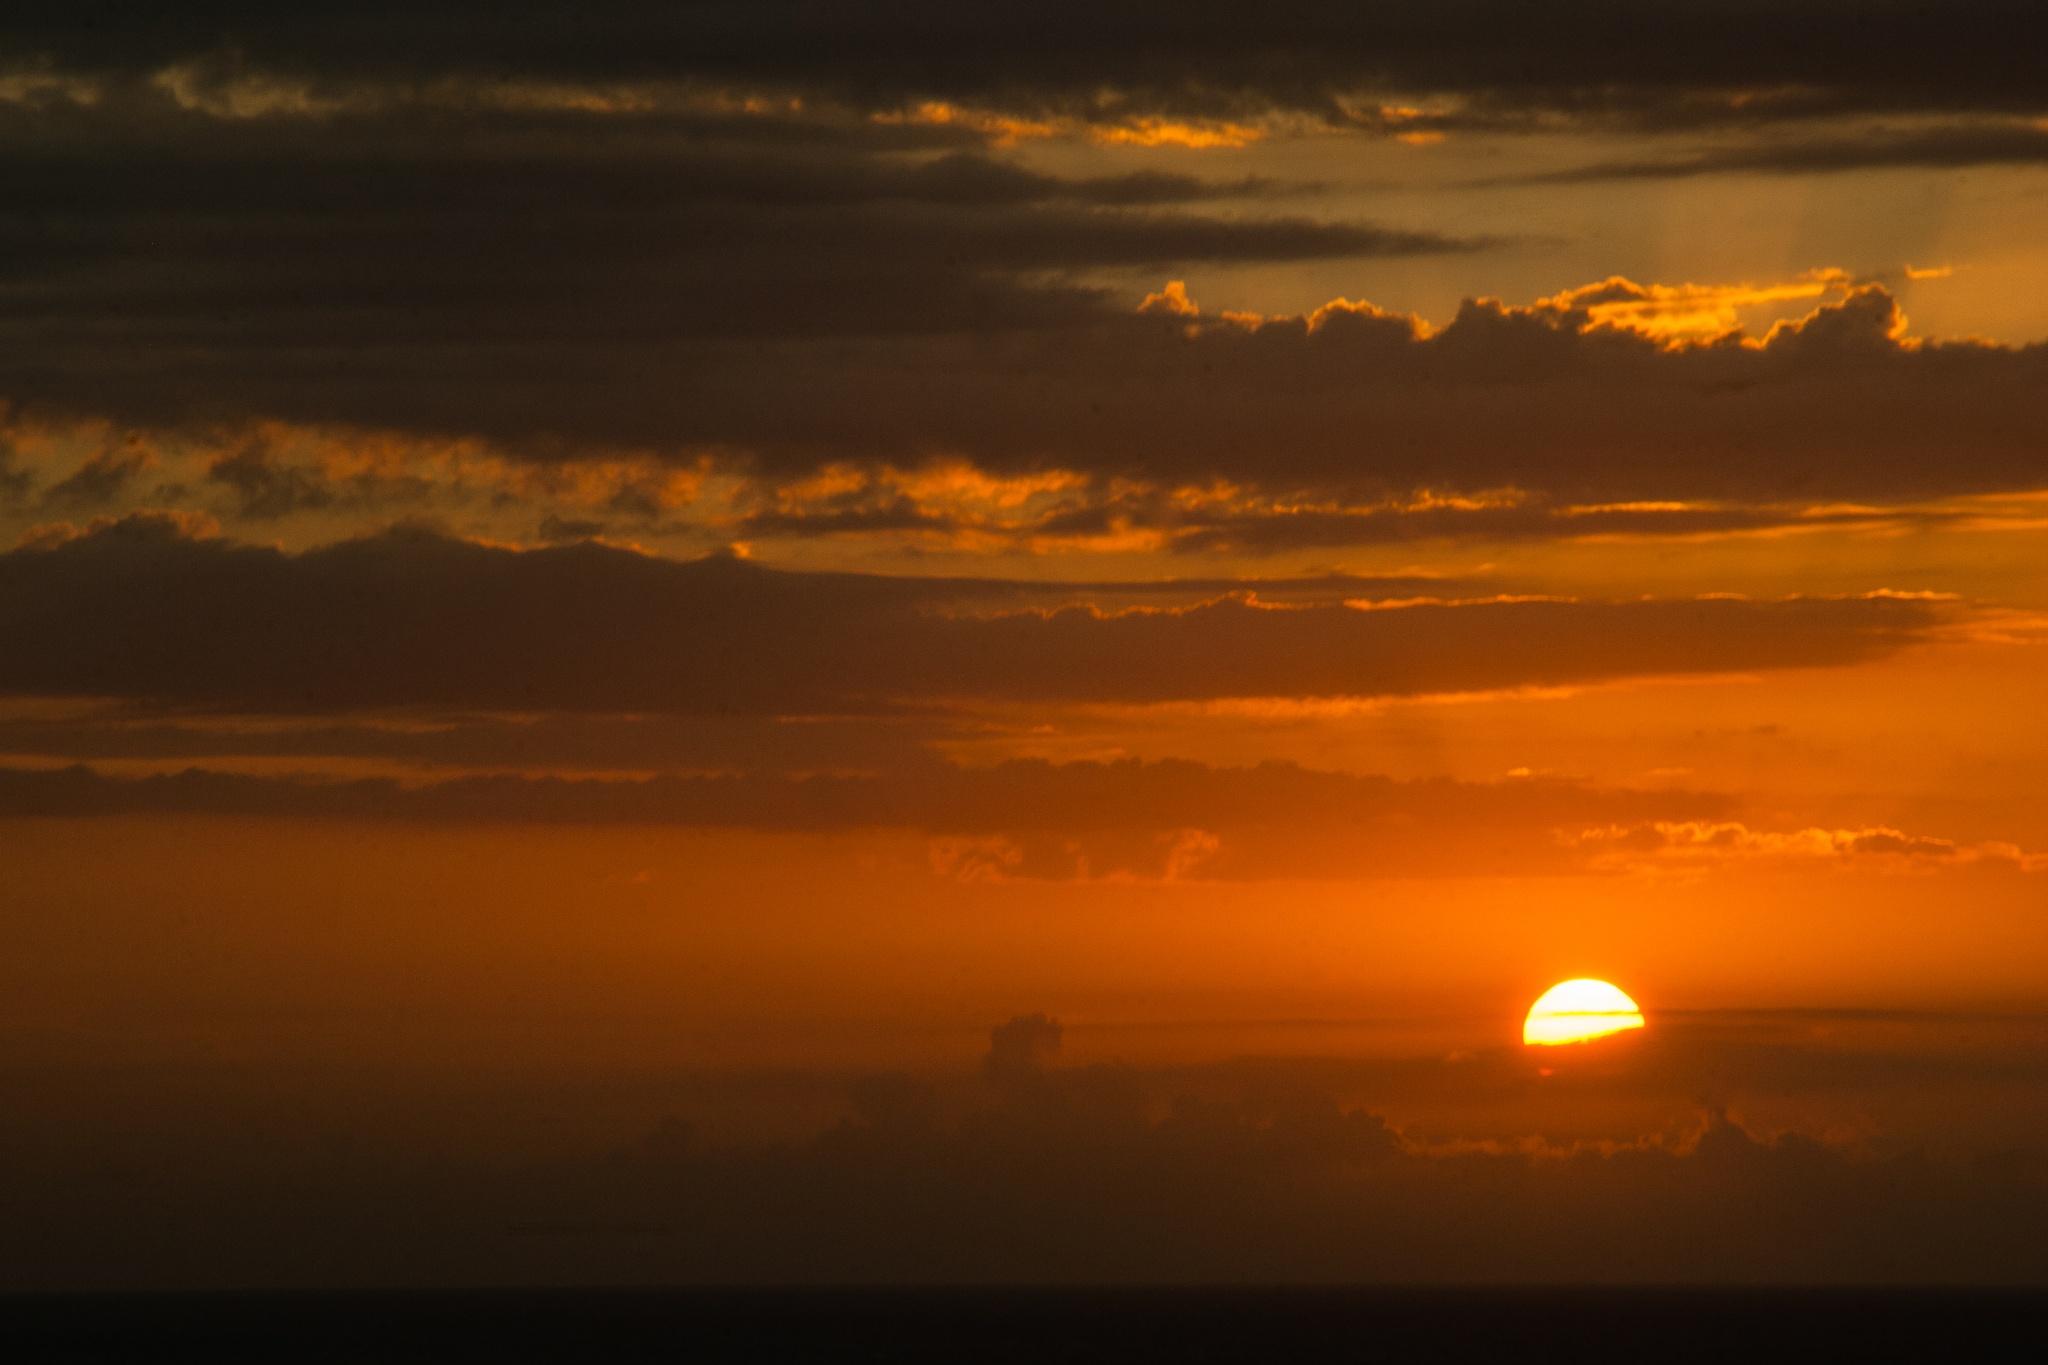 sunset travel by Sephole